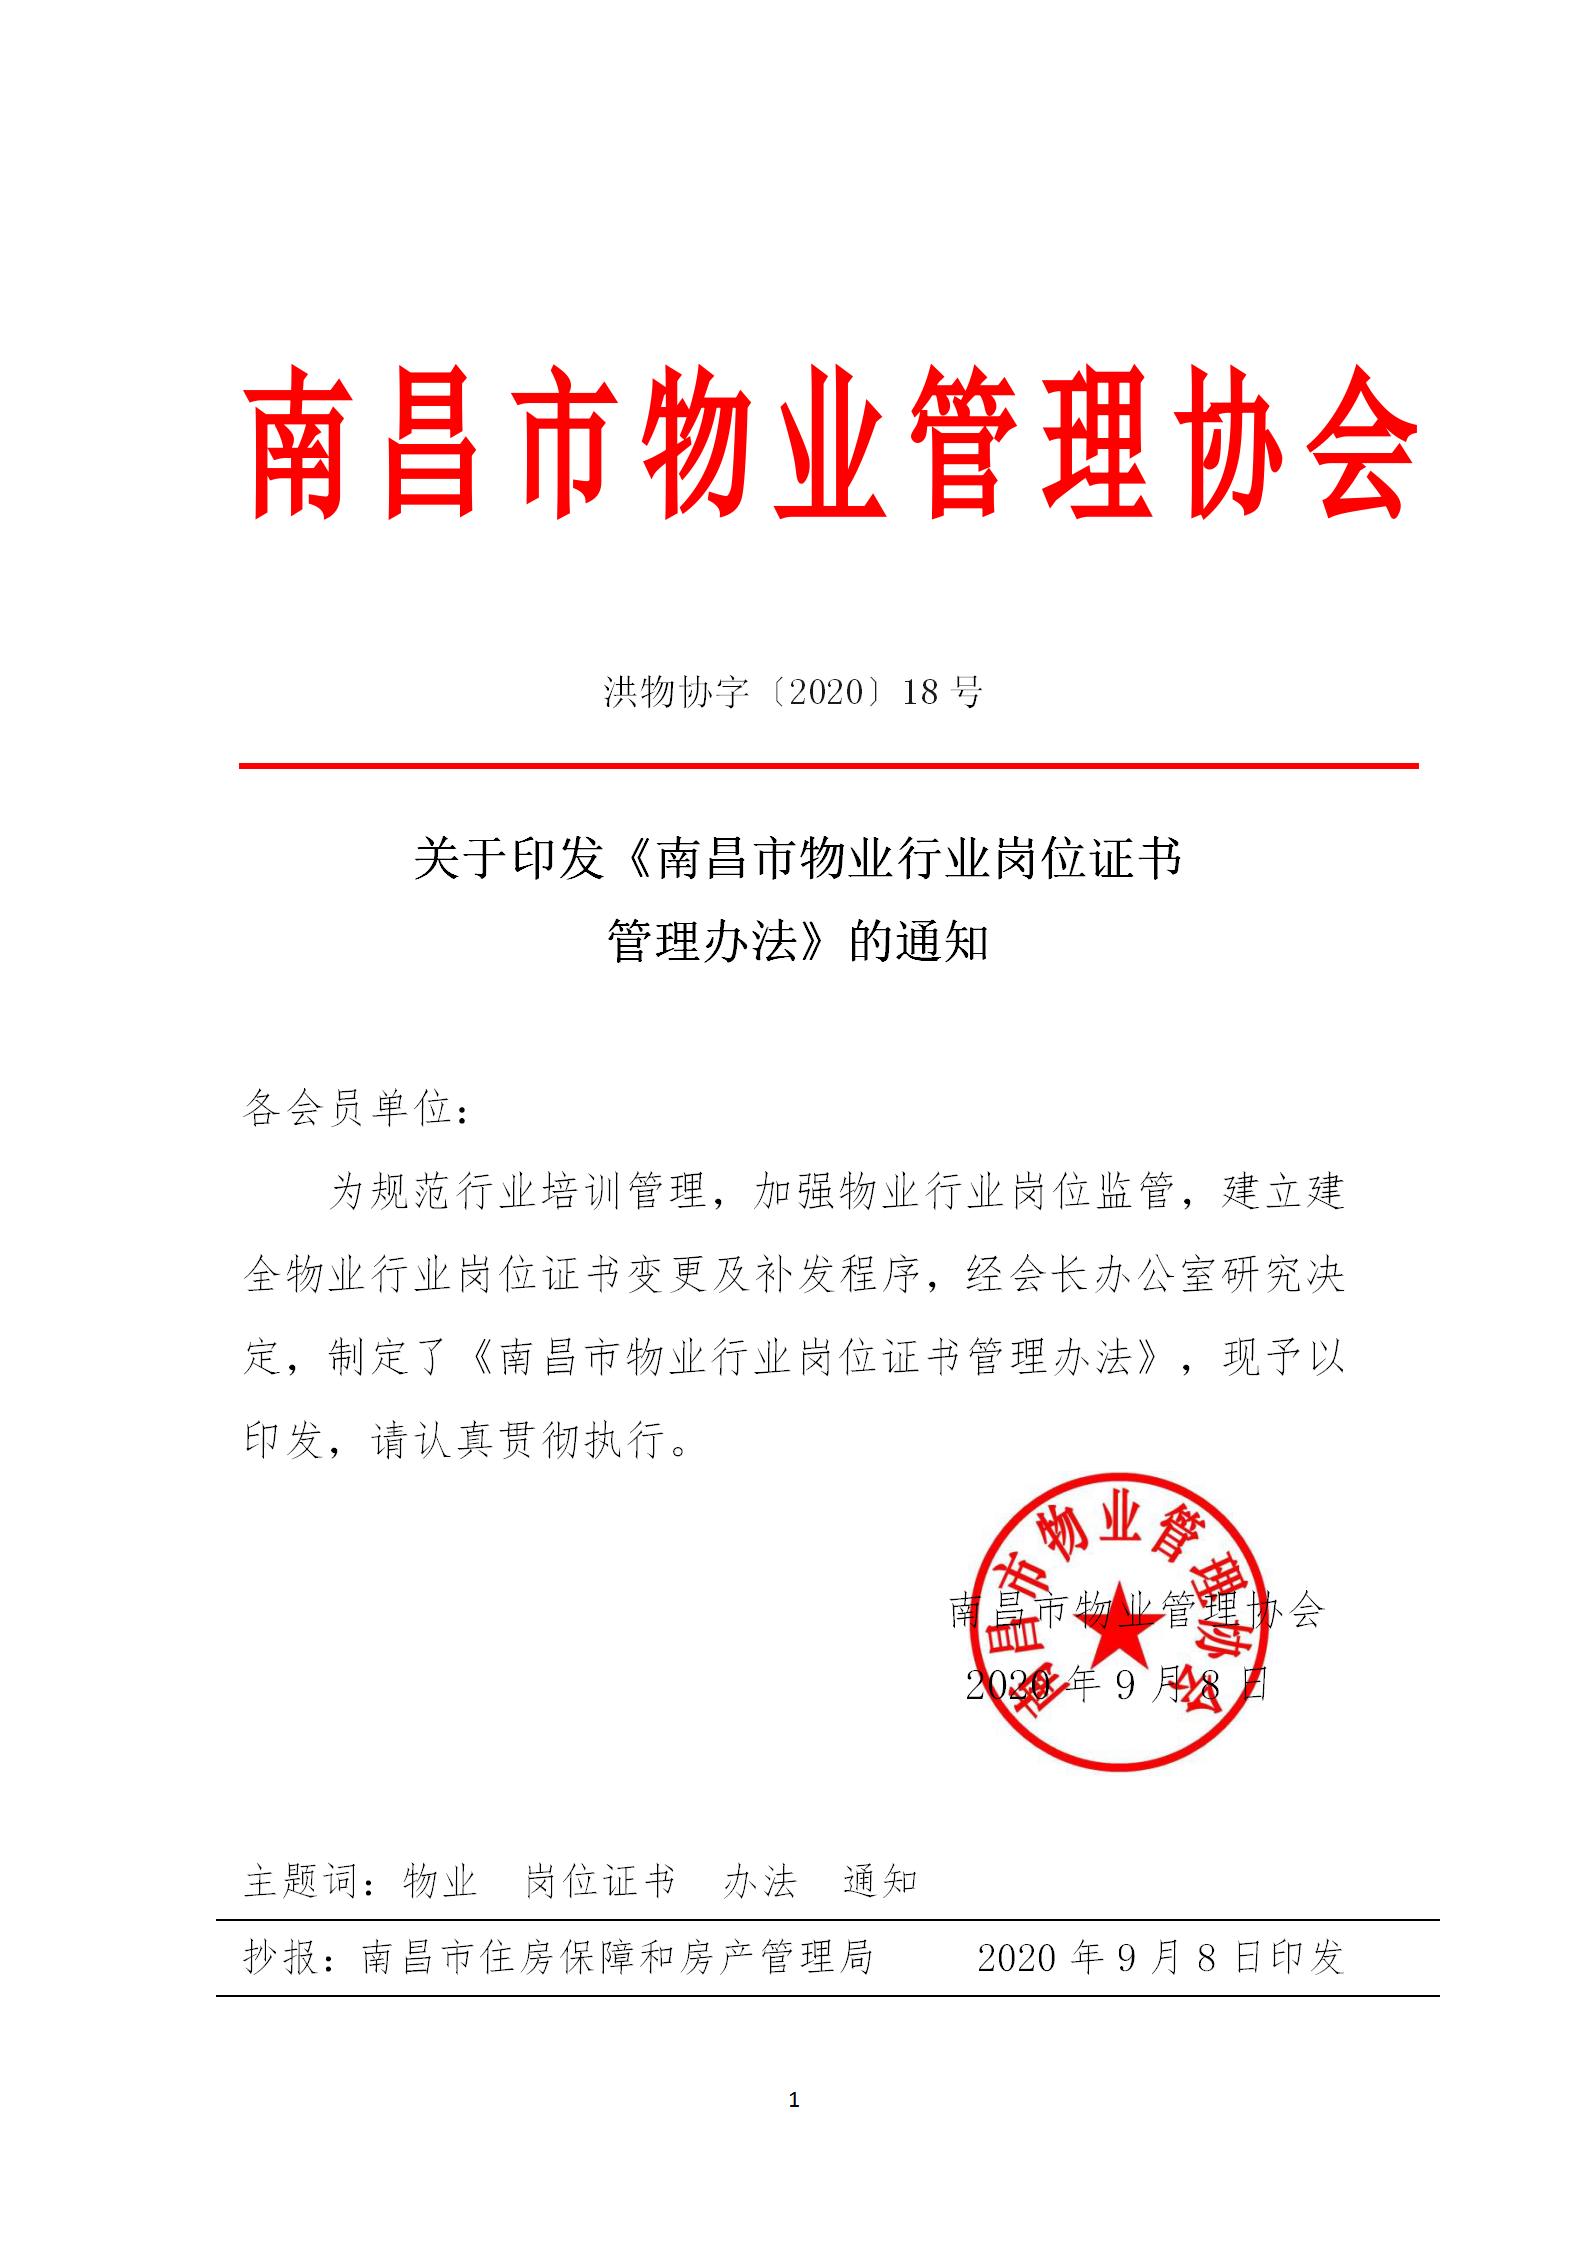 洪物协字[2020]18号关于印发《南昌市物业行业岗位证书管理办法(试行)》的通知_01.png